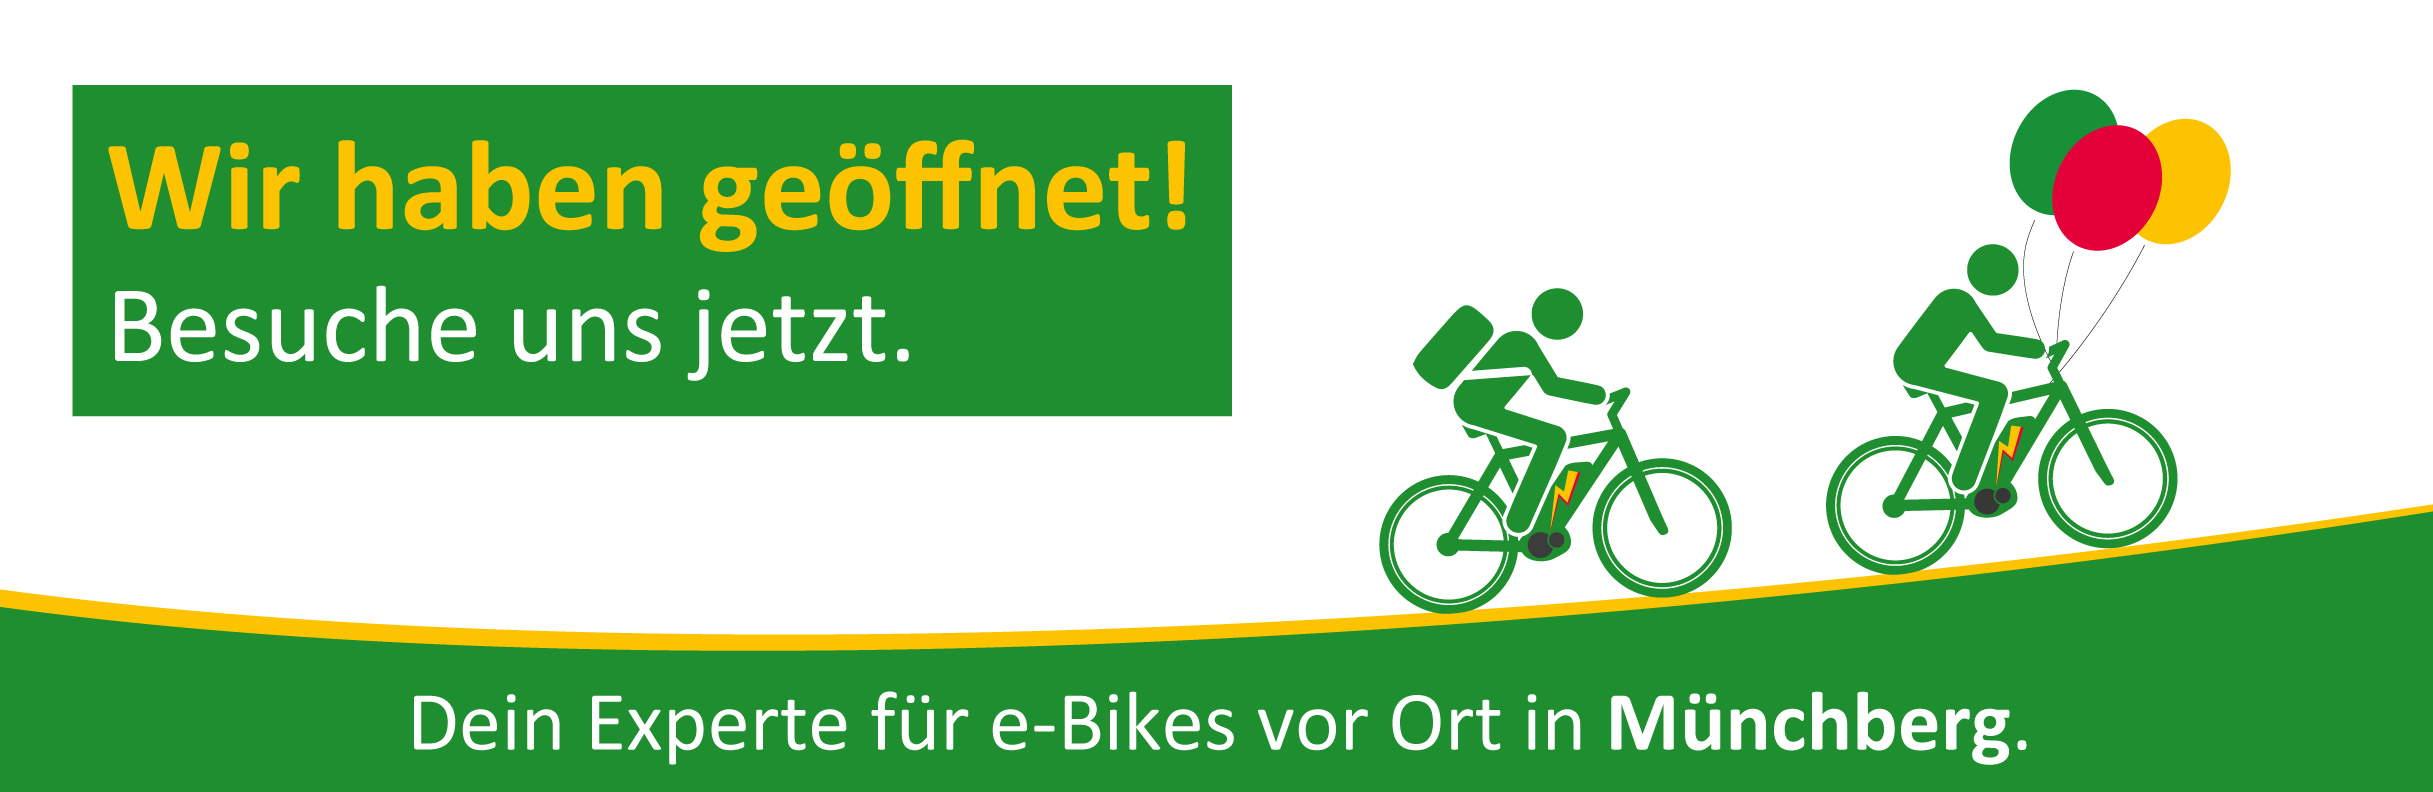 e-motion e-Bike Welt Münchberg